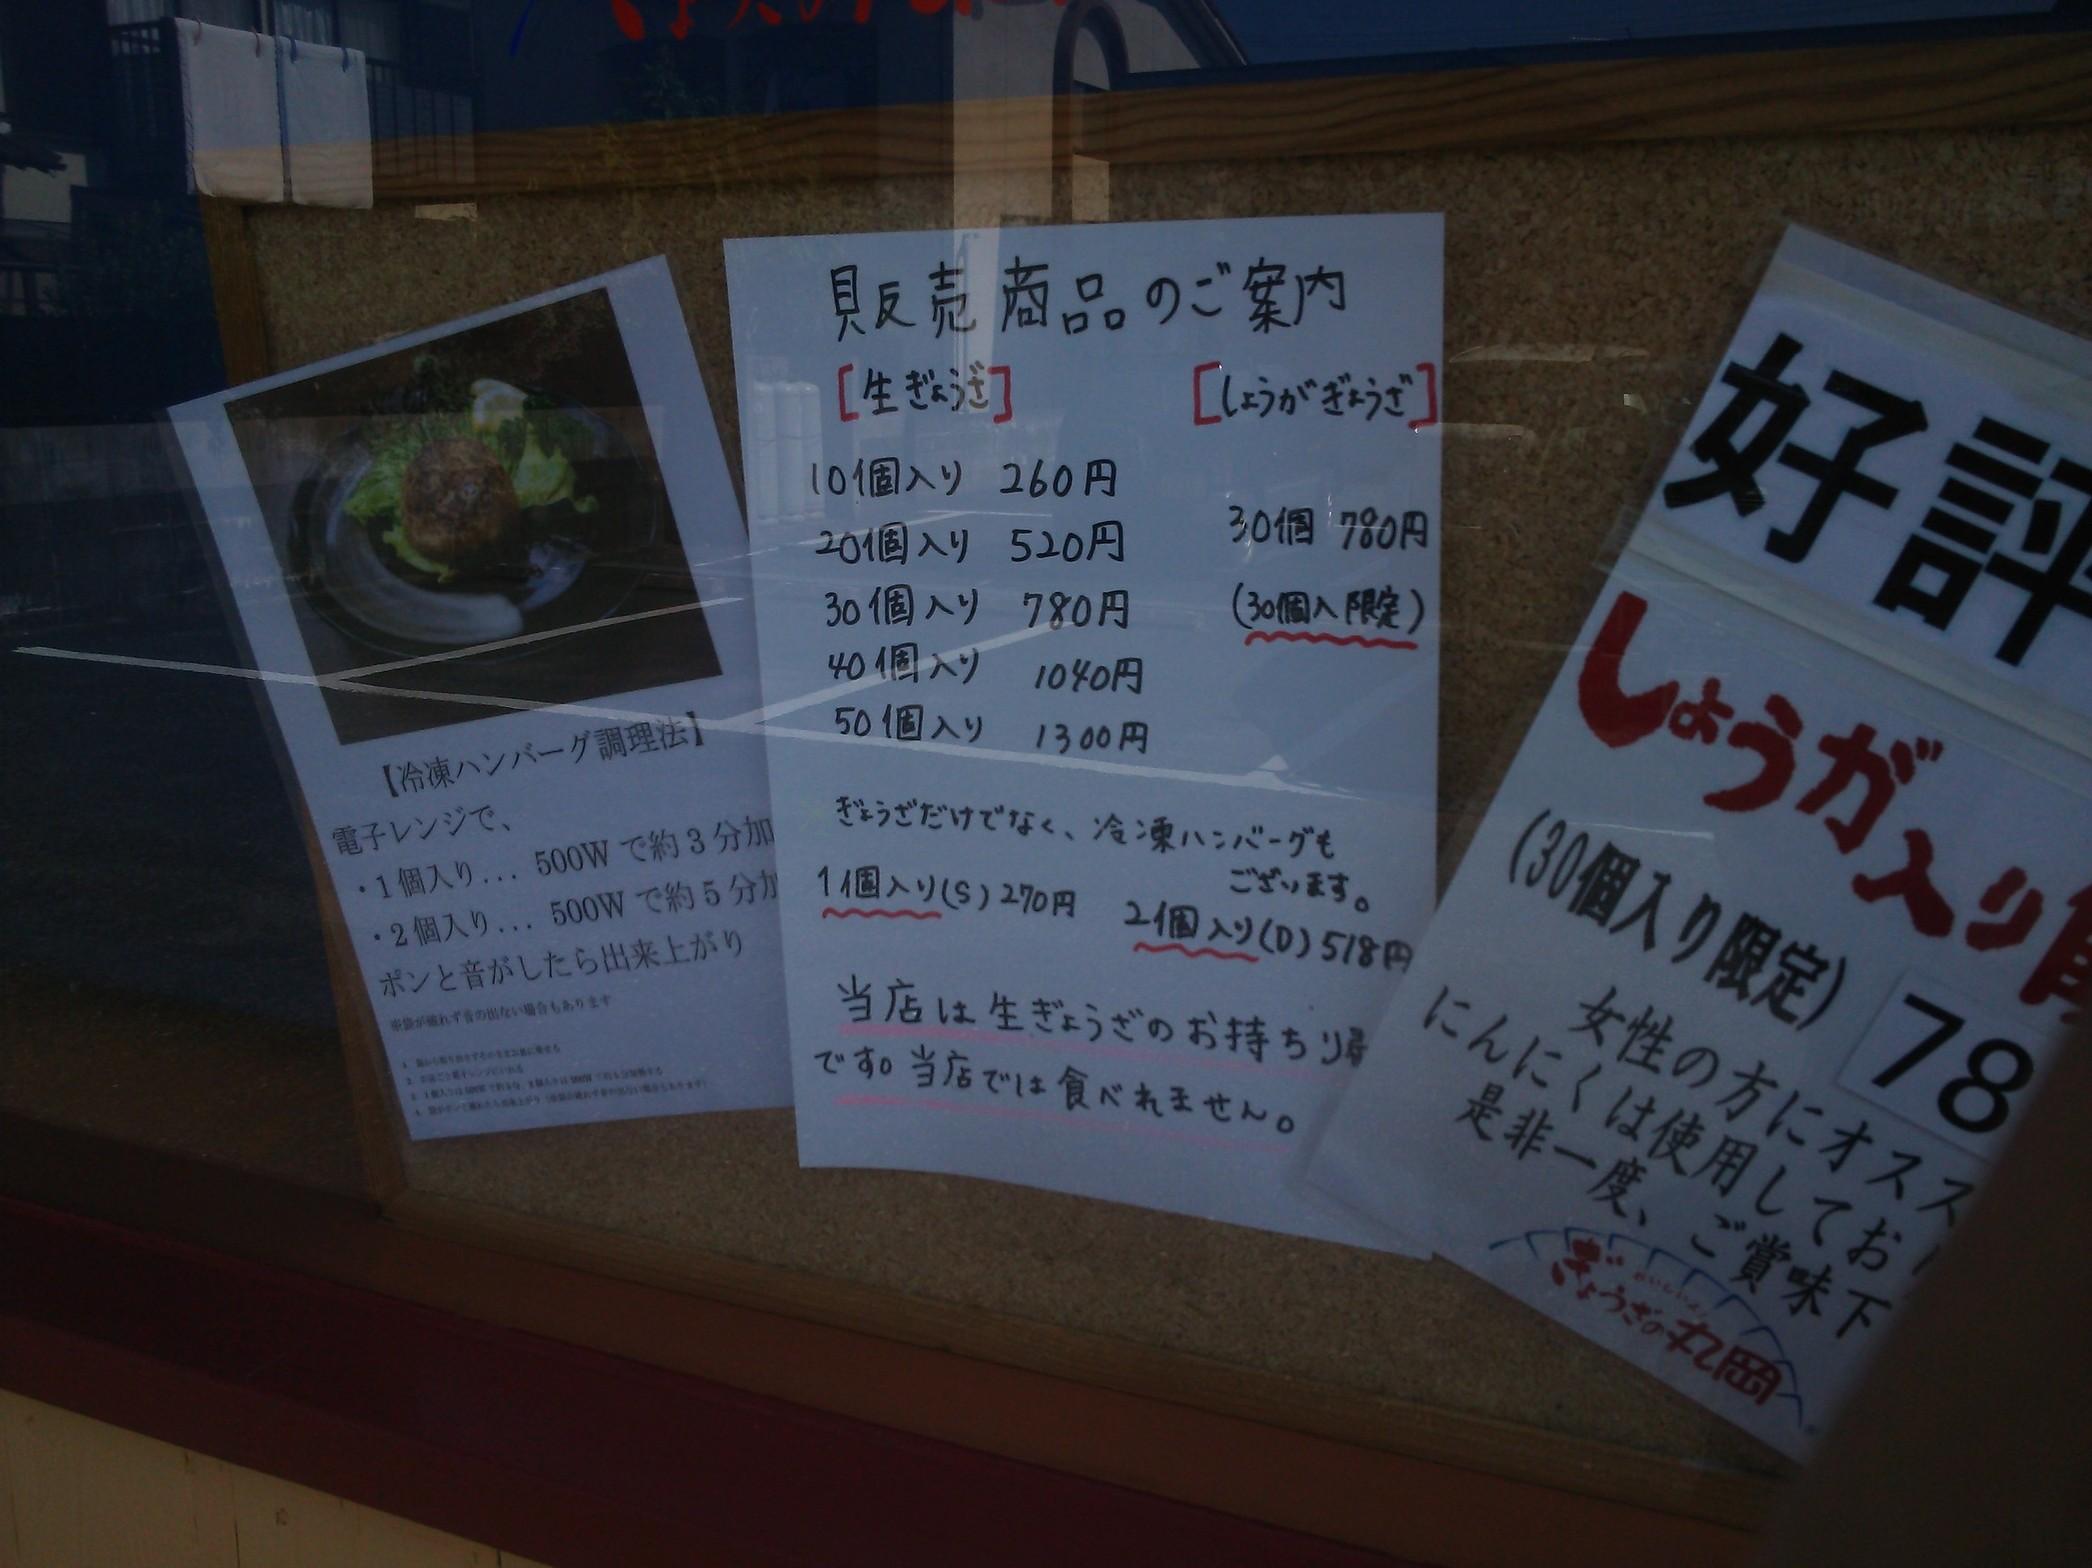 ぎょうざの丸岡 福岡有田店